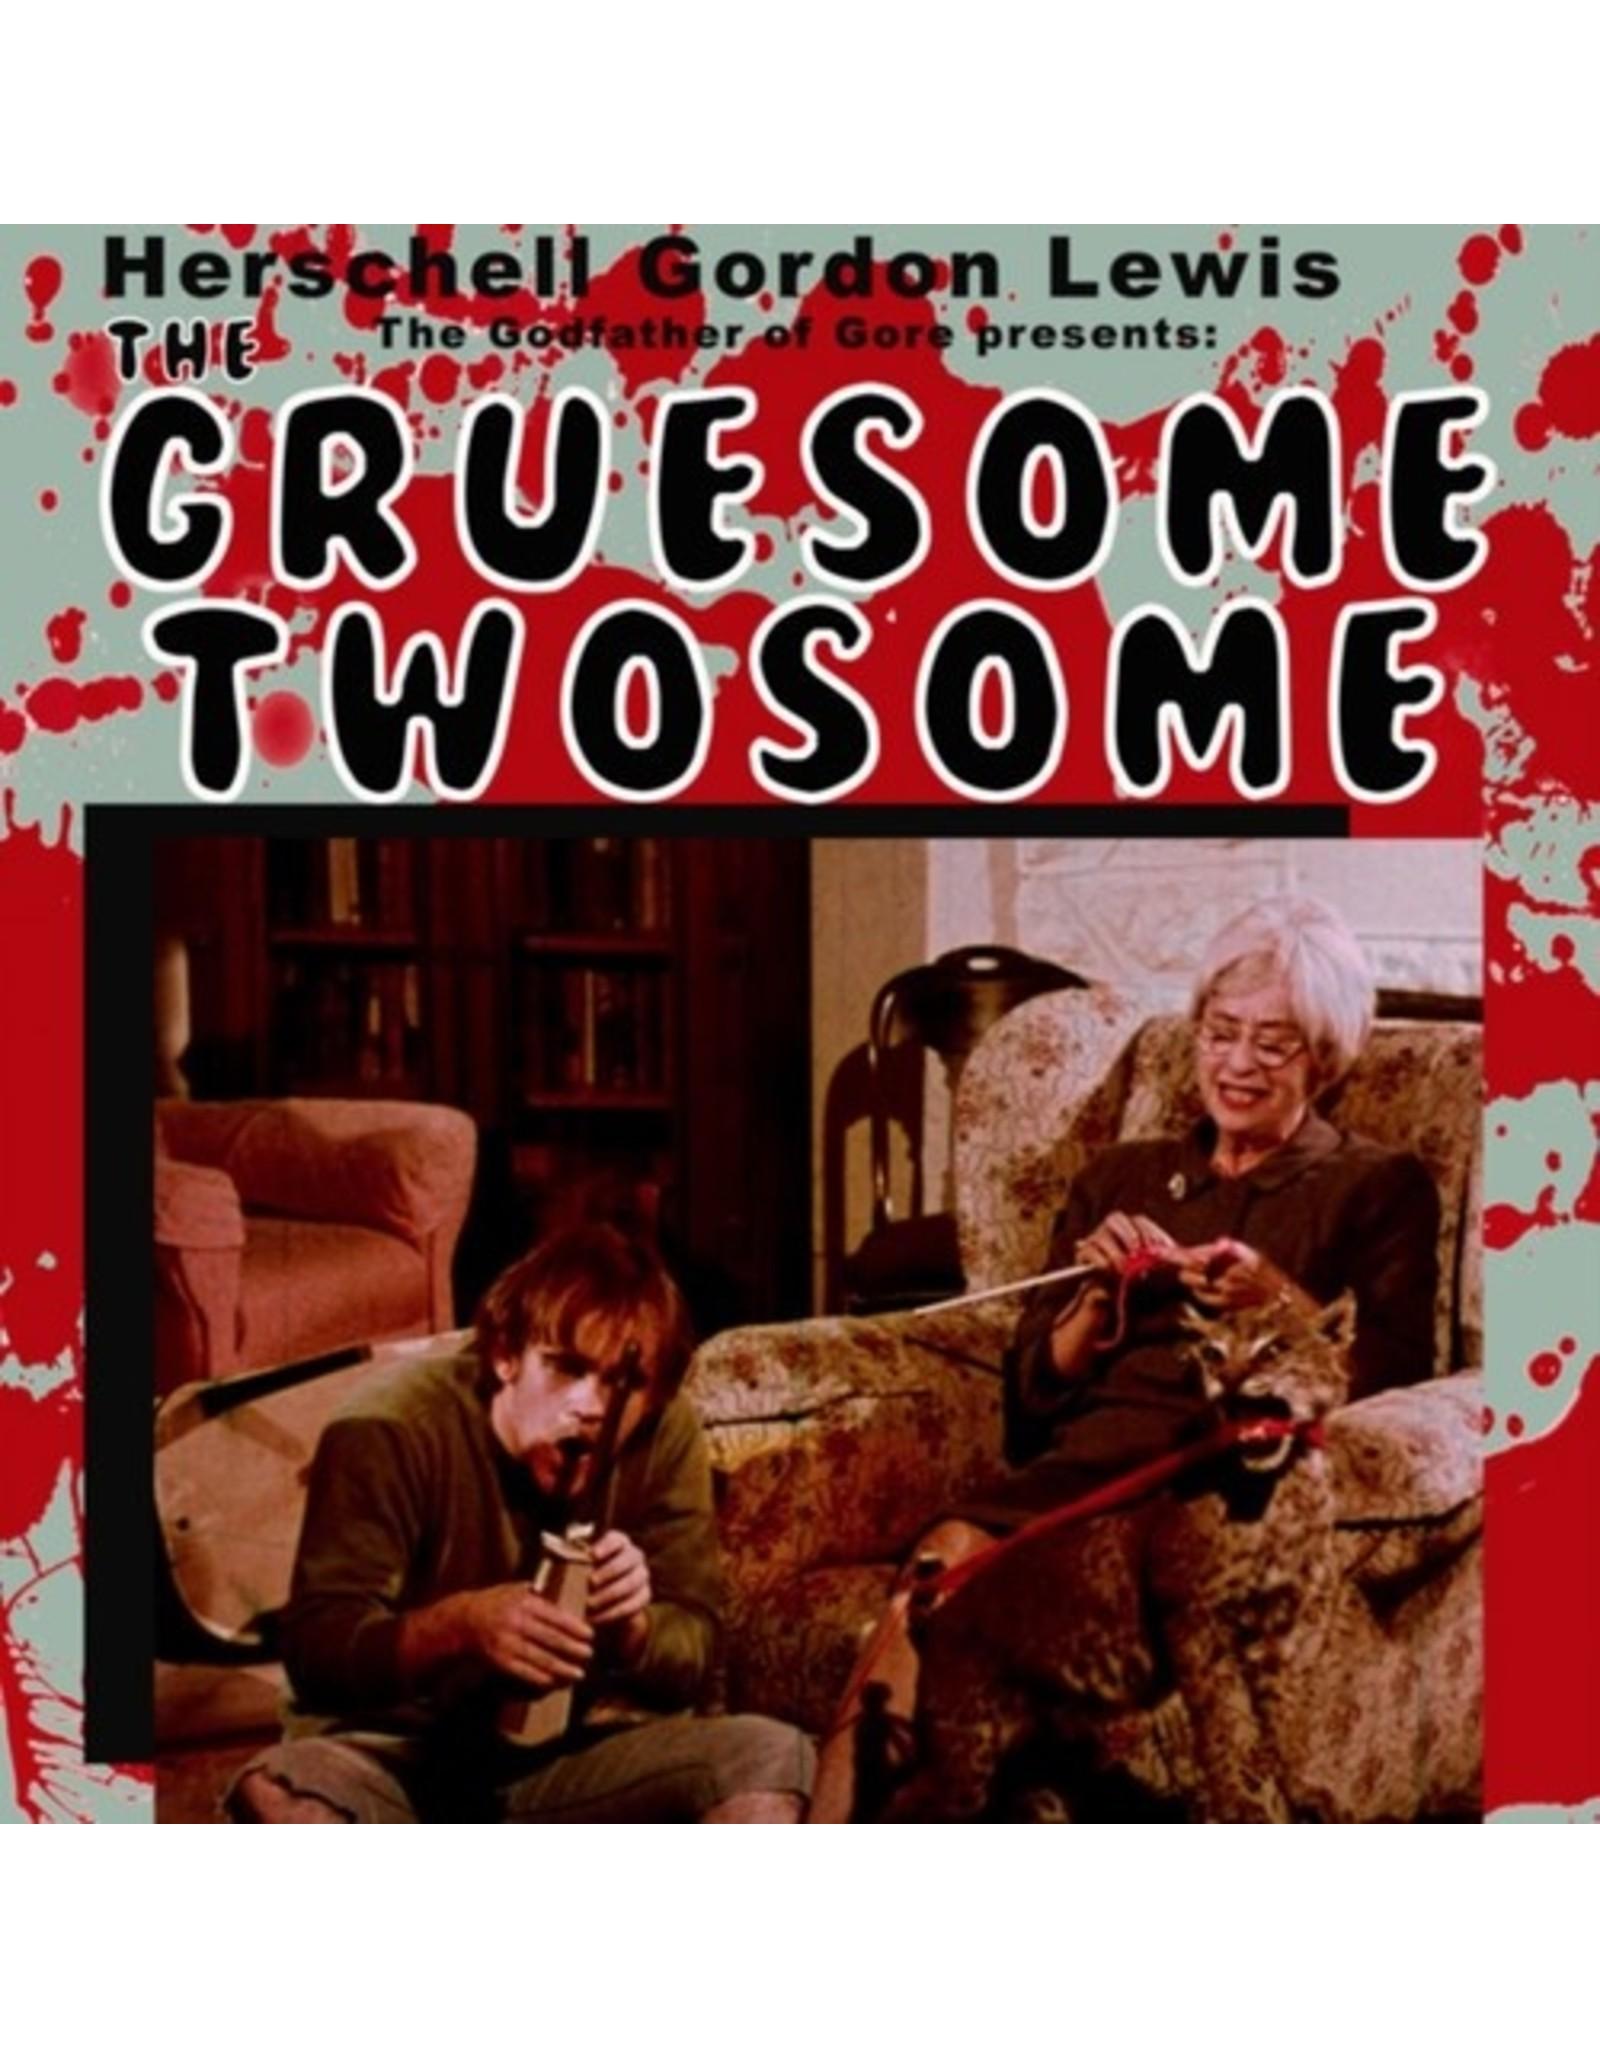 New Vinyl Herschell Gordon Lewis - The Gruesome Twosome OST LP